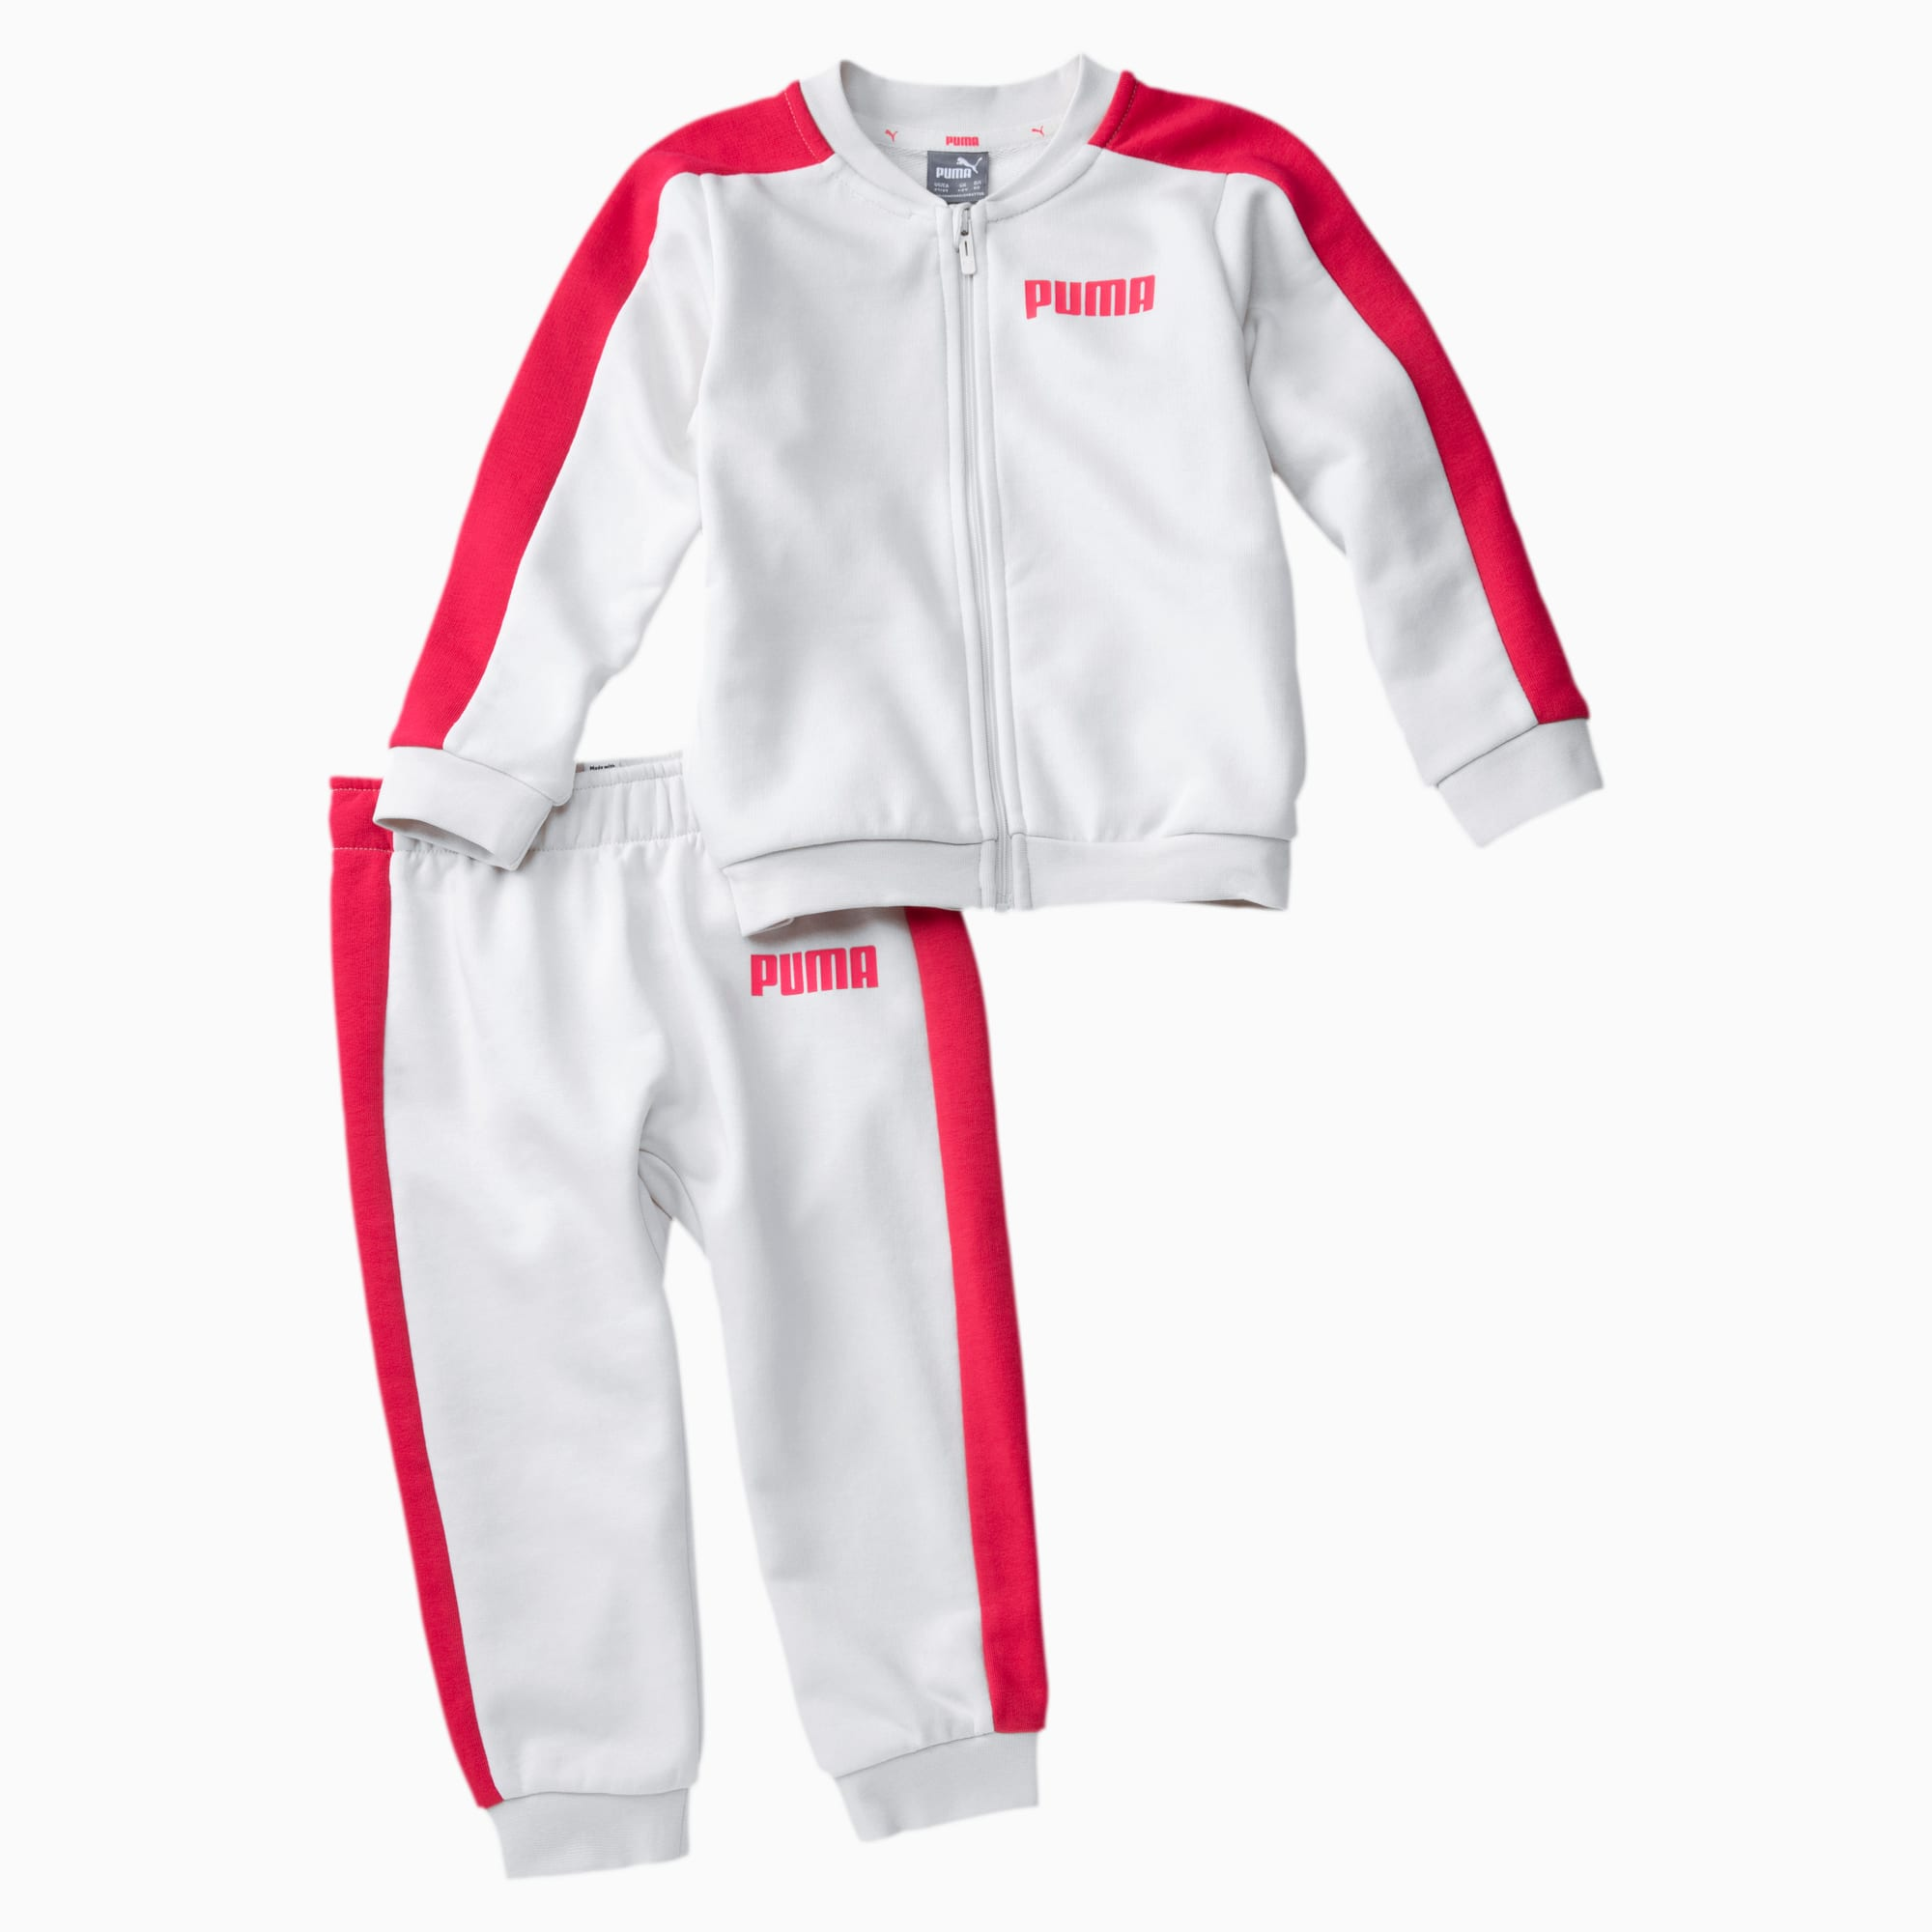 Image of PUMA Contrast Baby Jogginganzug Für Kinder | Mit Aucun | Weiß | Größe: 62